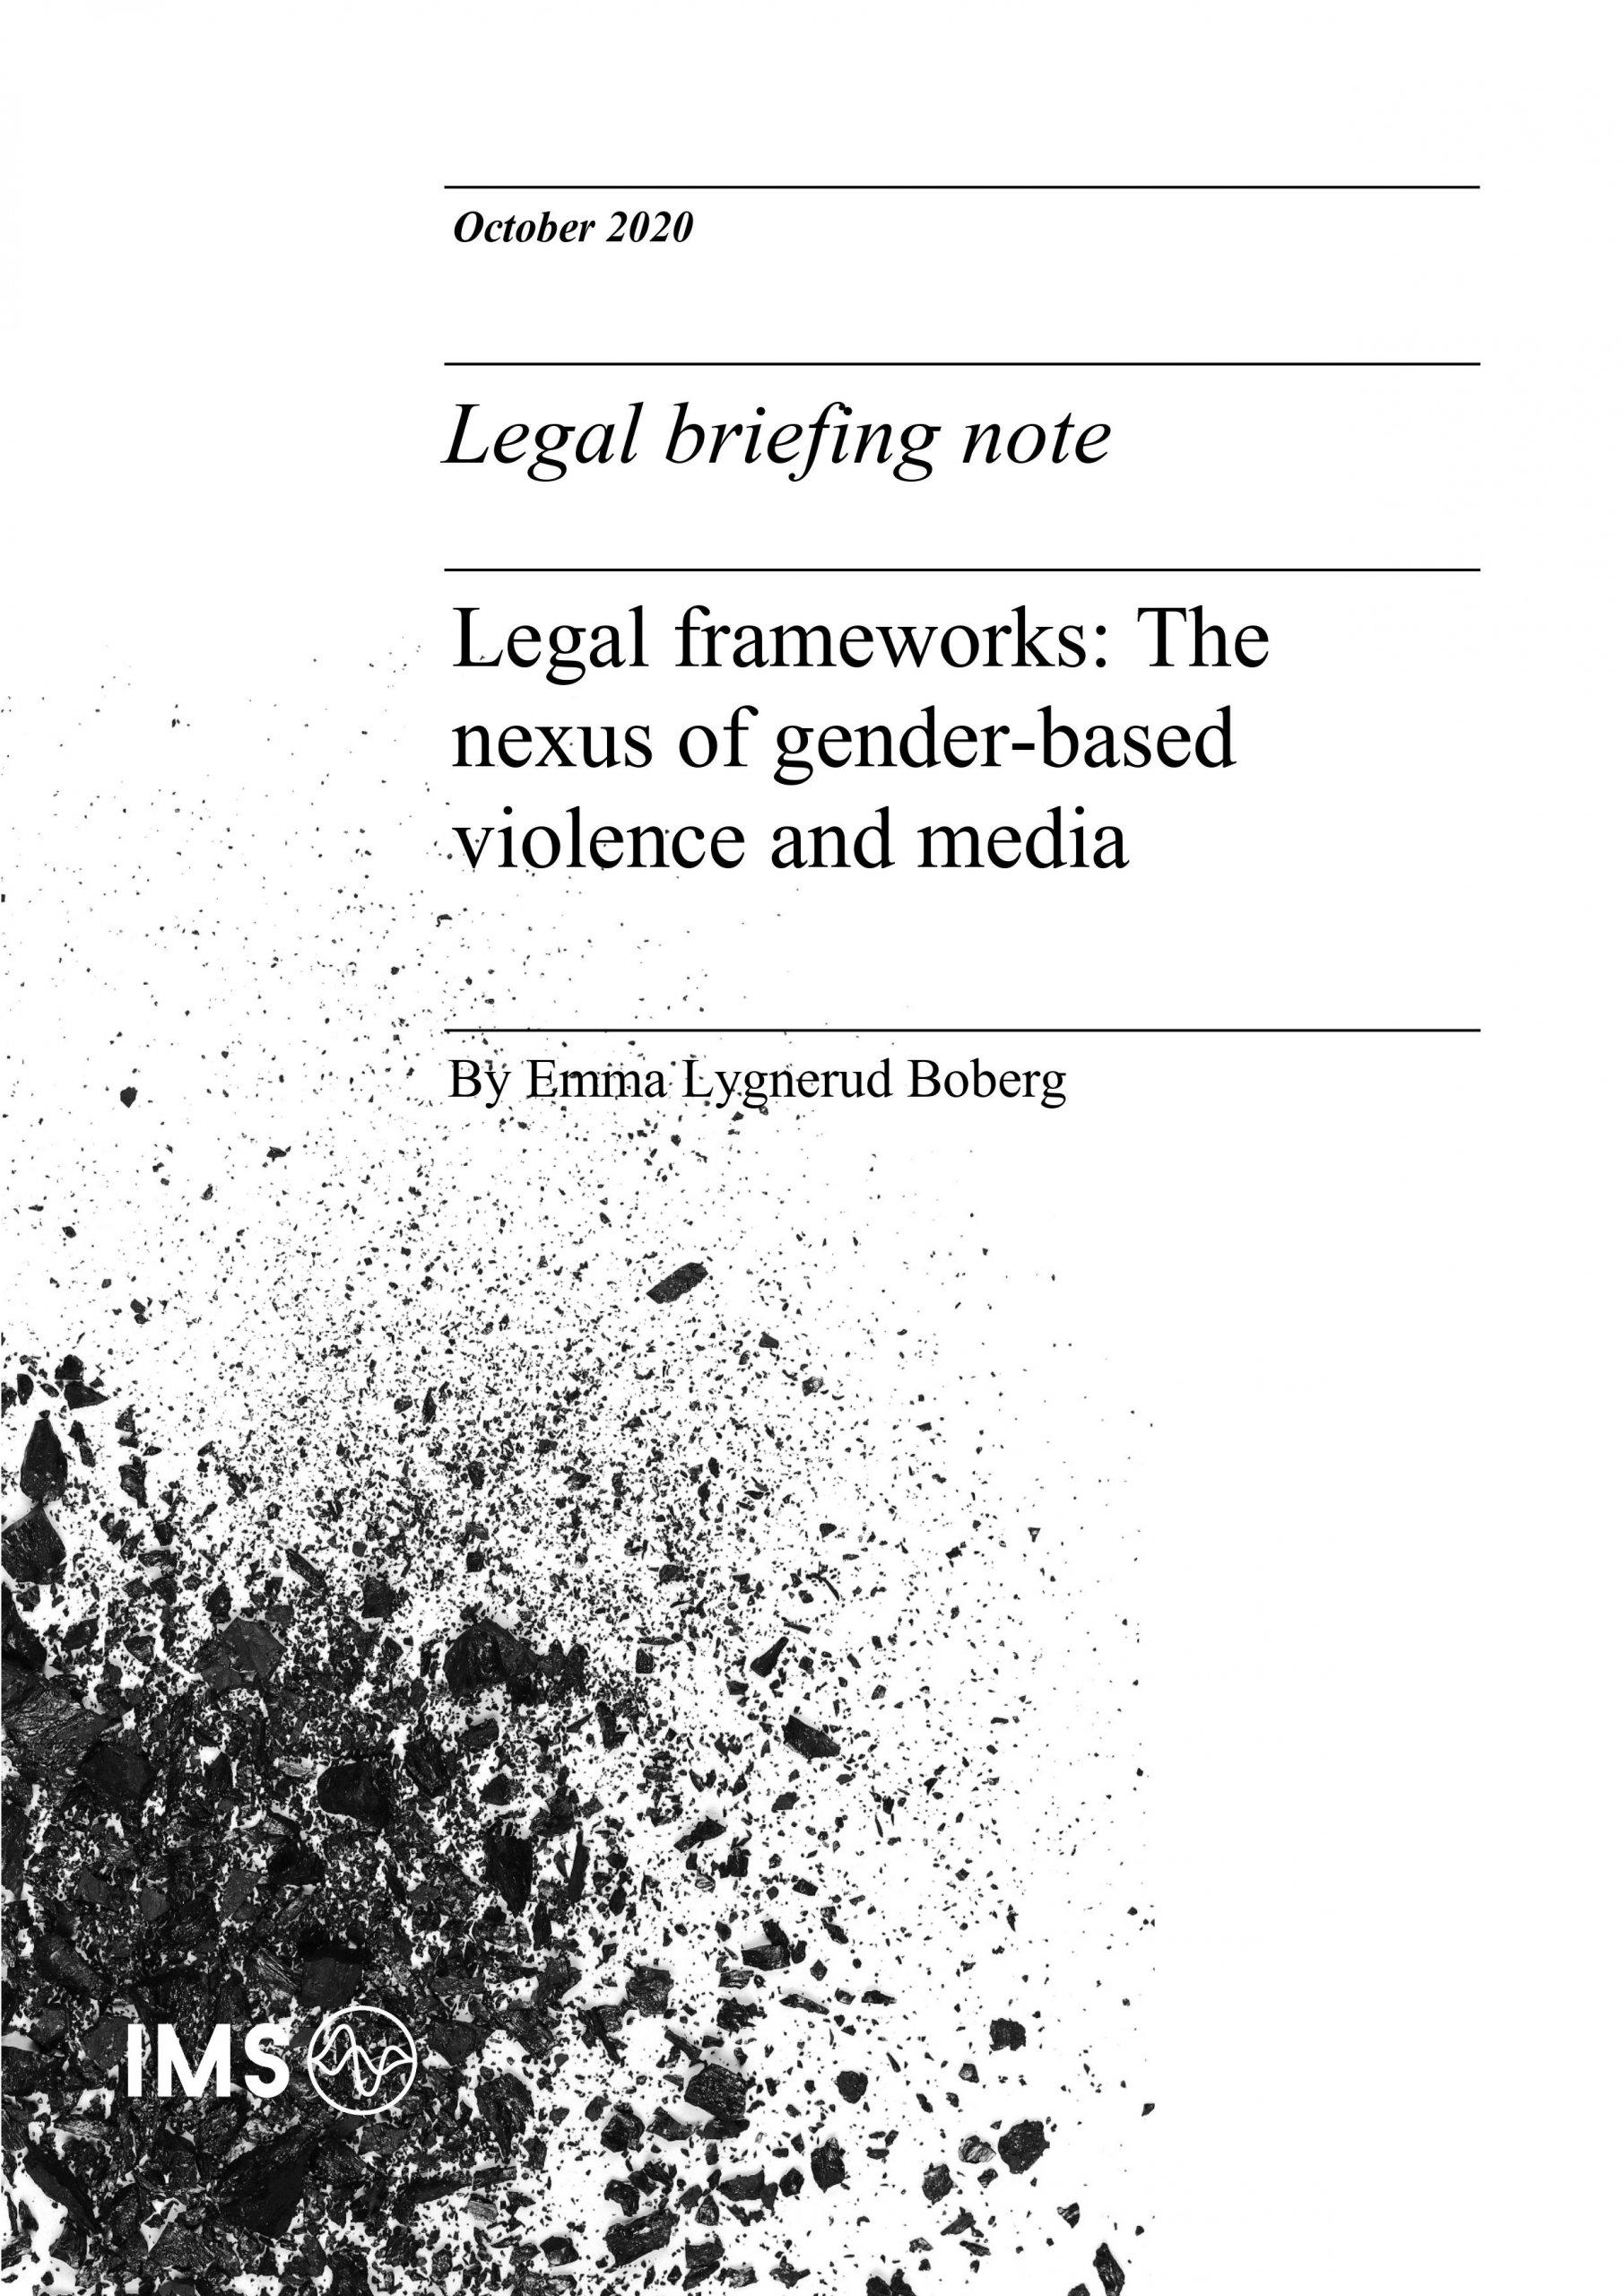 Legal frameworks: The nexus of gender-based violence and media